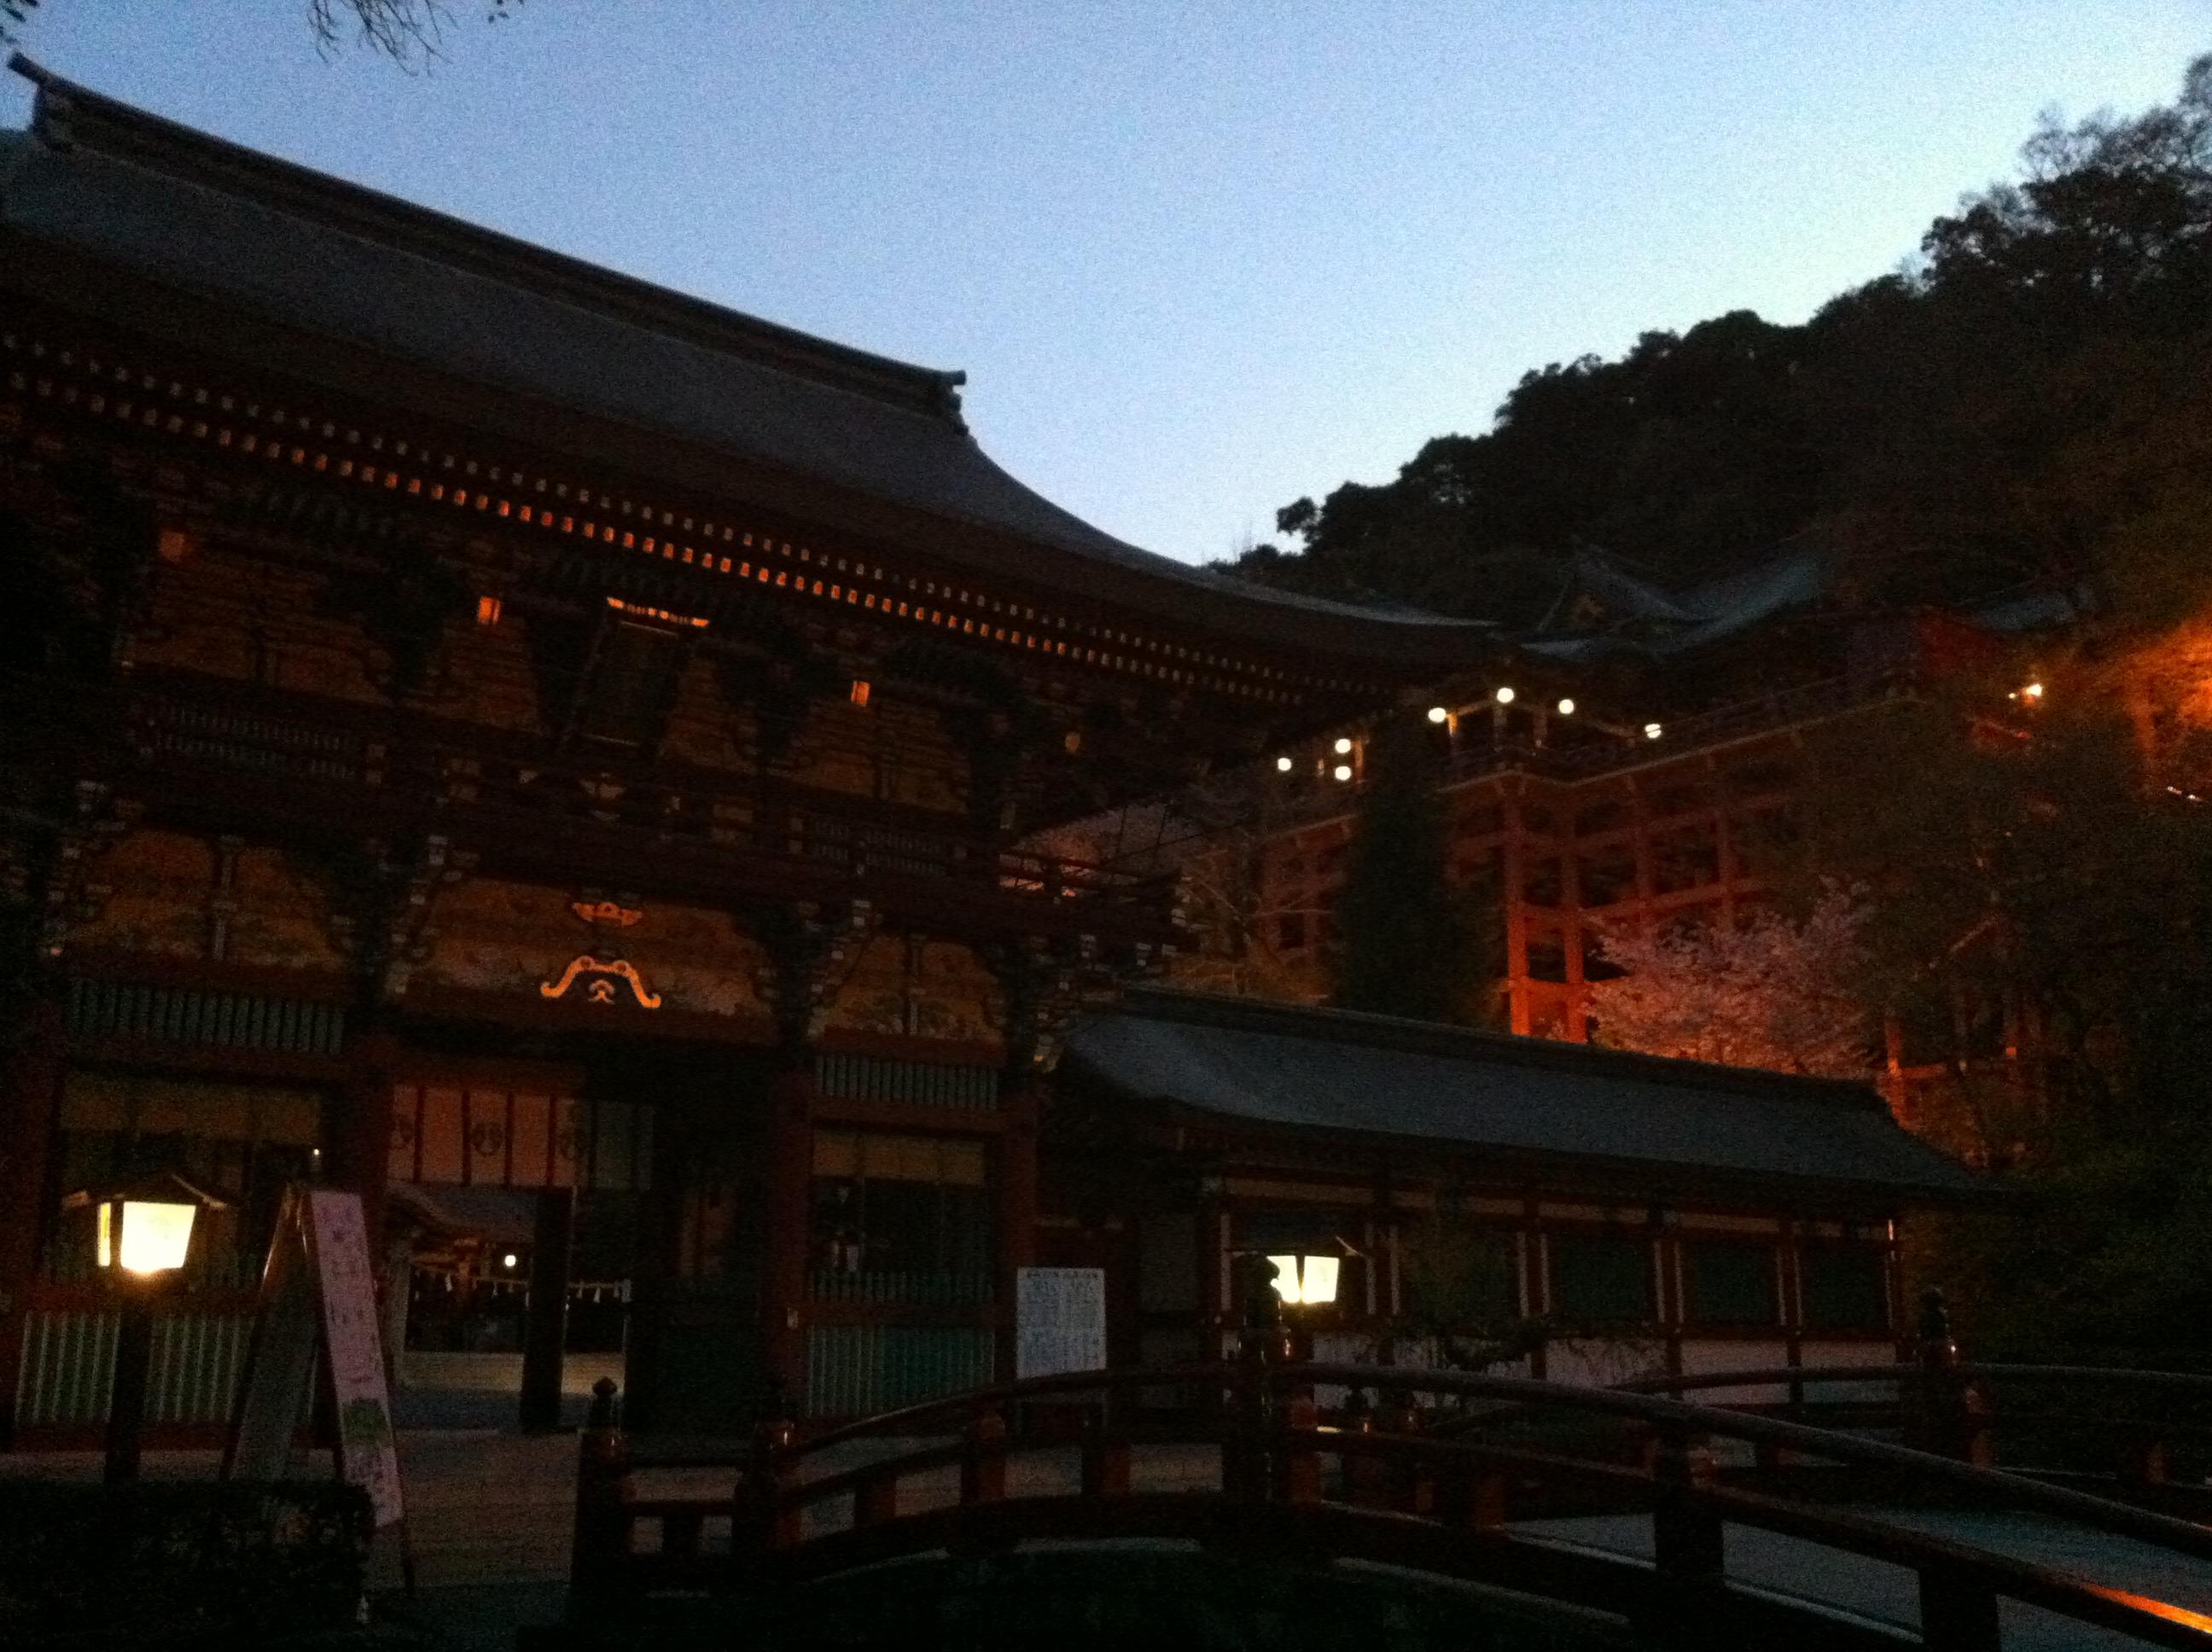 夕方に行くとまるでおとぎ話の世界のような神社!佐賀県鹿島市祐徳稲荷神社を紹介!